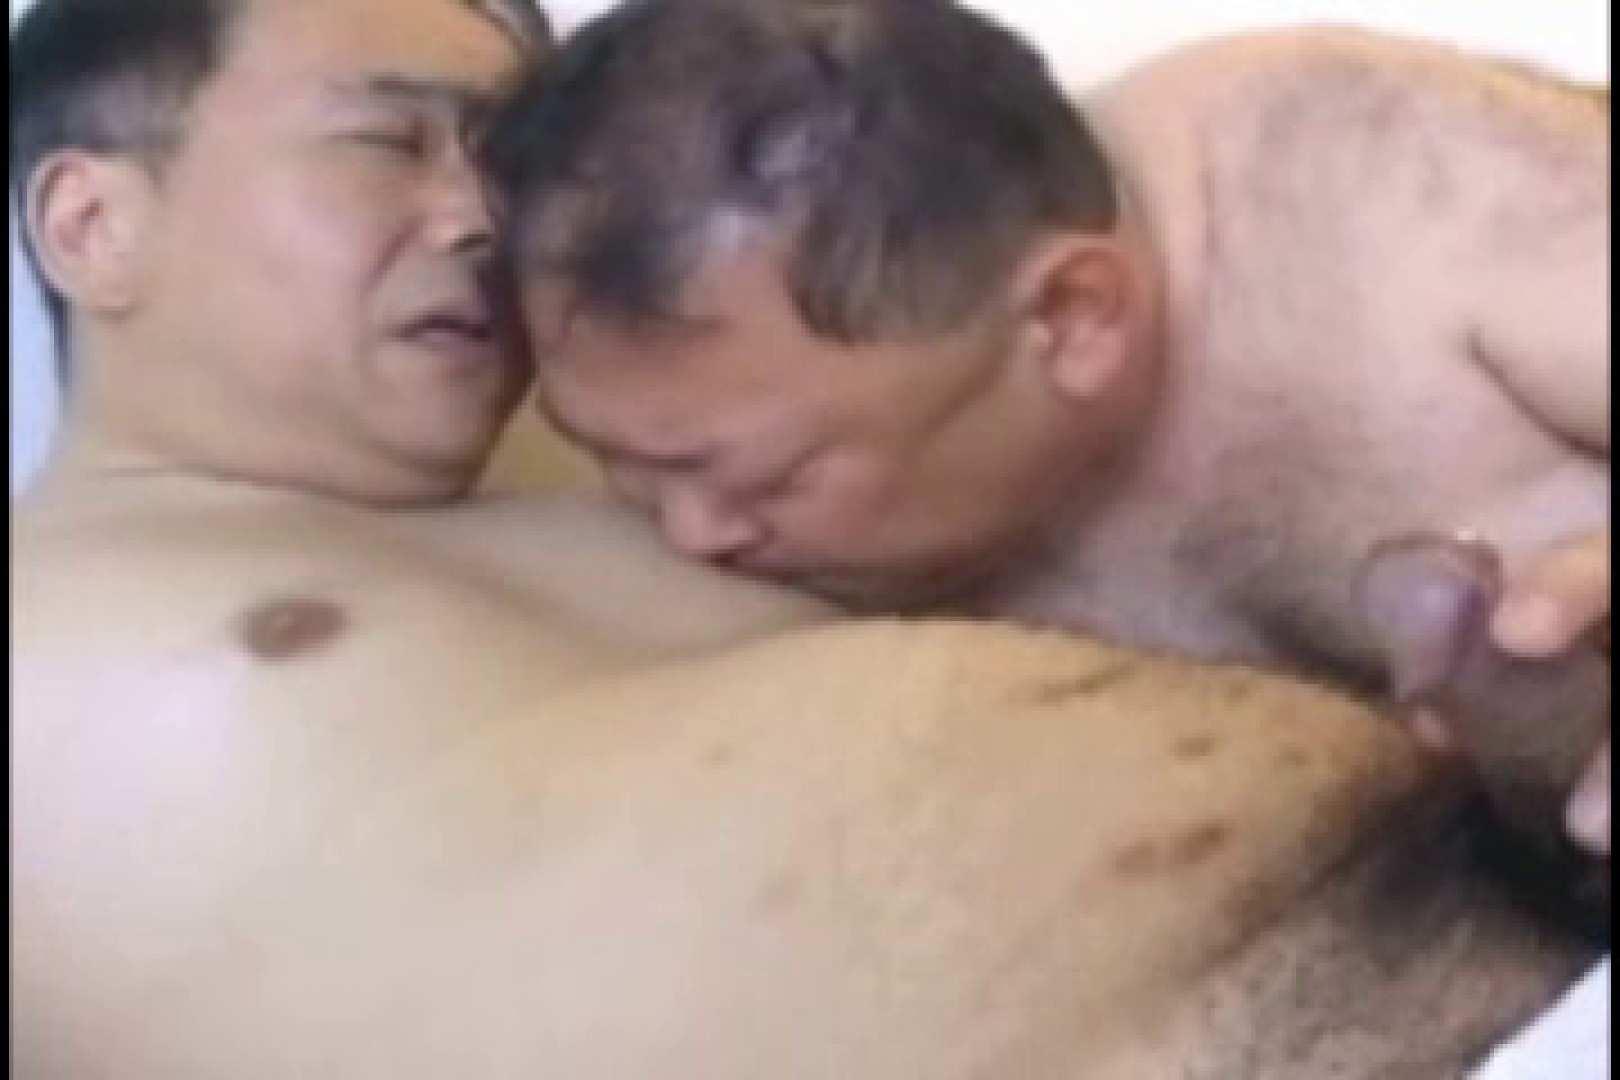 中年旦那の発情記 ゲイのオナニー映像   中年おじさん  99枚 55